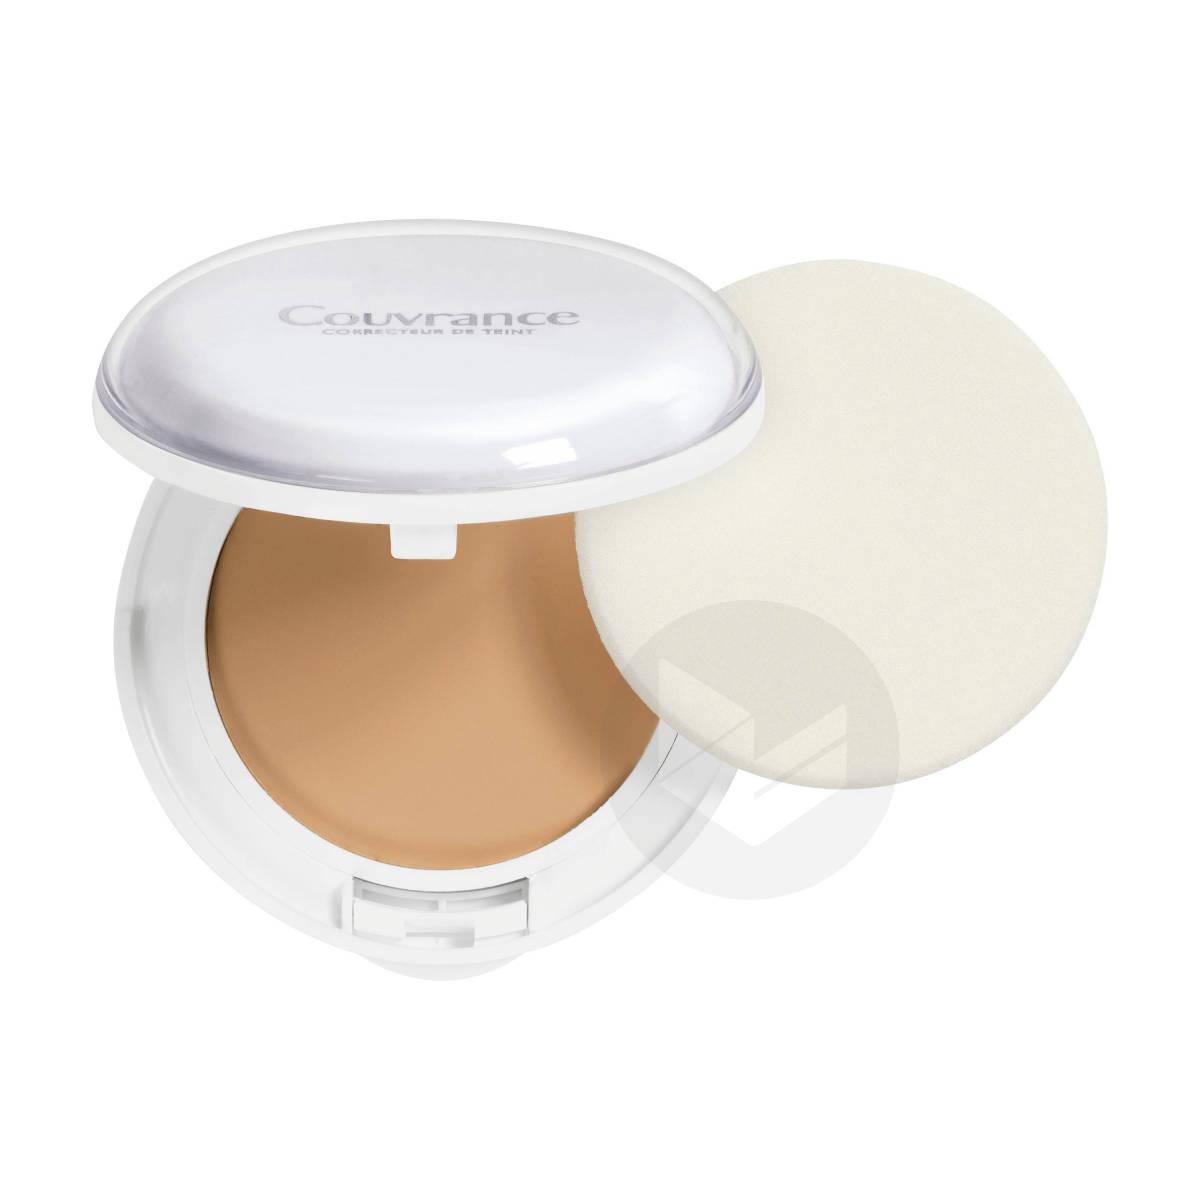 Crème De Teint Compacte Confort Fini Velouté Naturel Beige N°2.5 - Peaux Claires Et Sensibles 10g